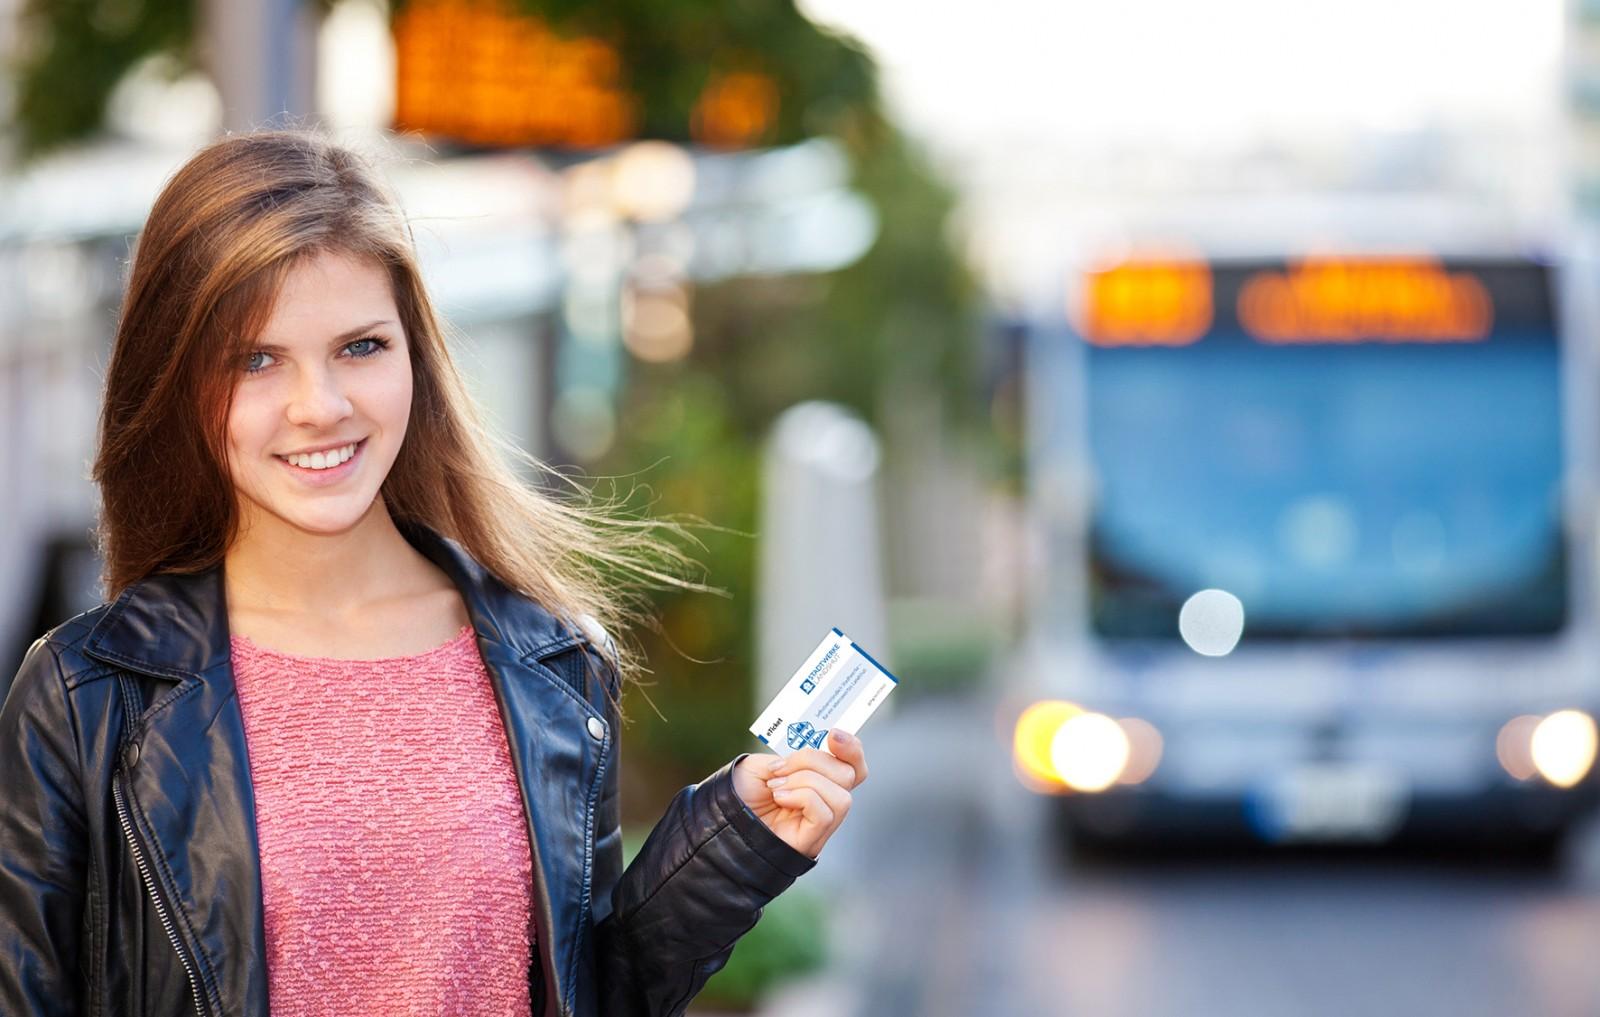 Frau vor Bus, E-Ticket